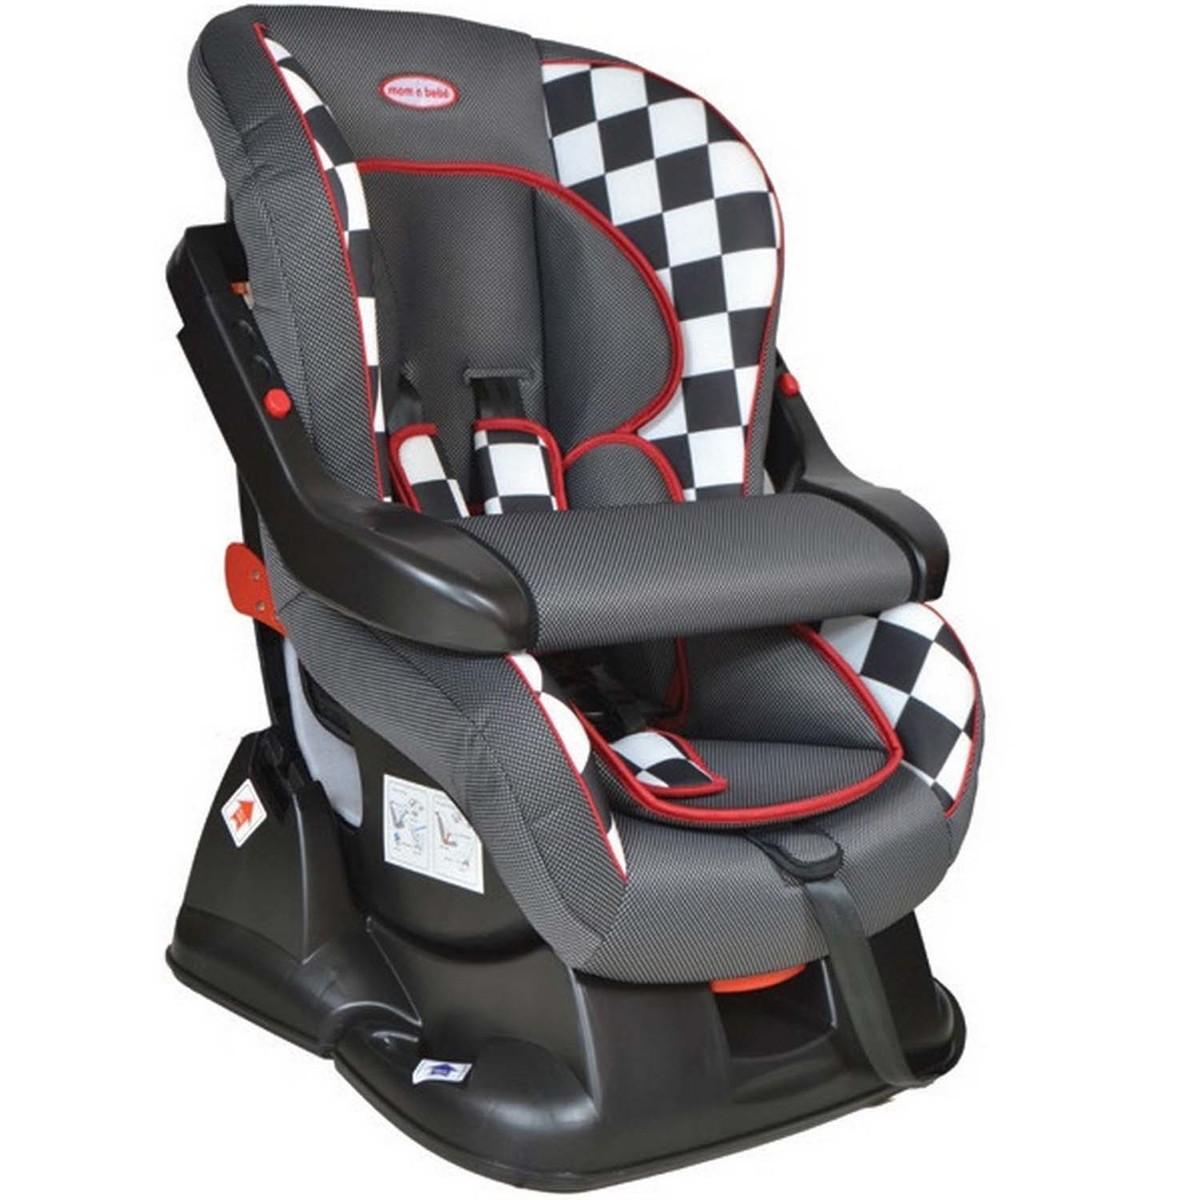 Buy Mom N Bebe Baby Car Seat LB701 Online